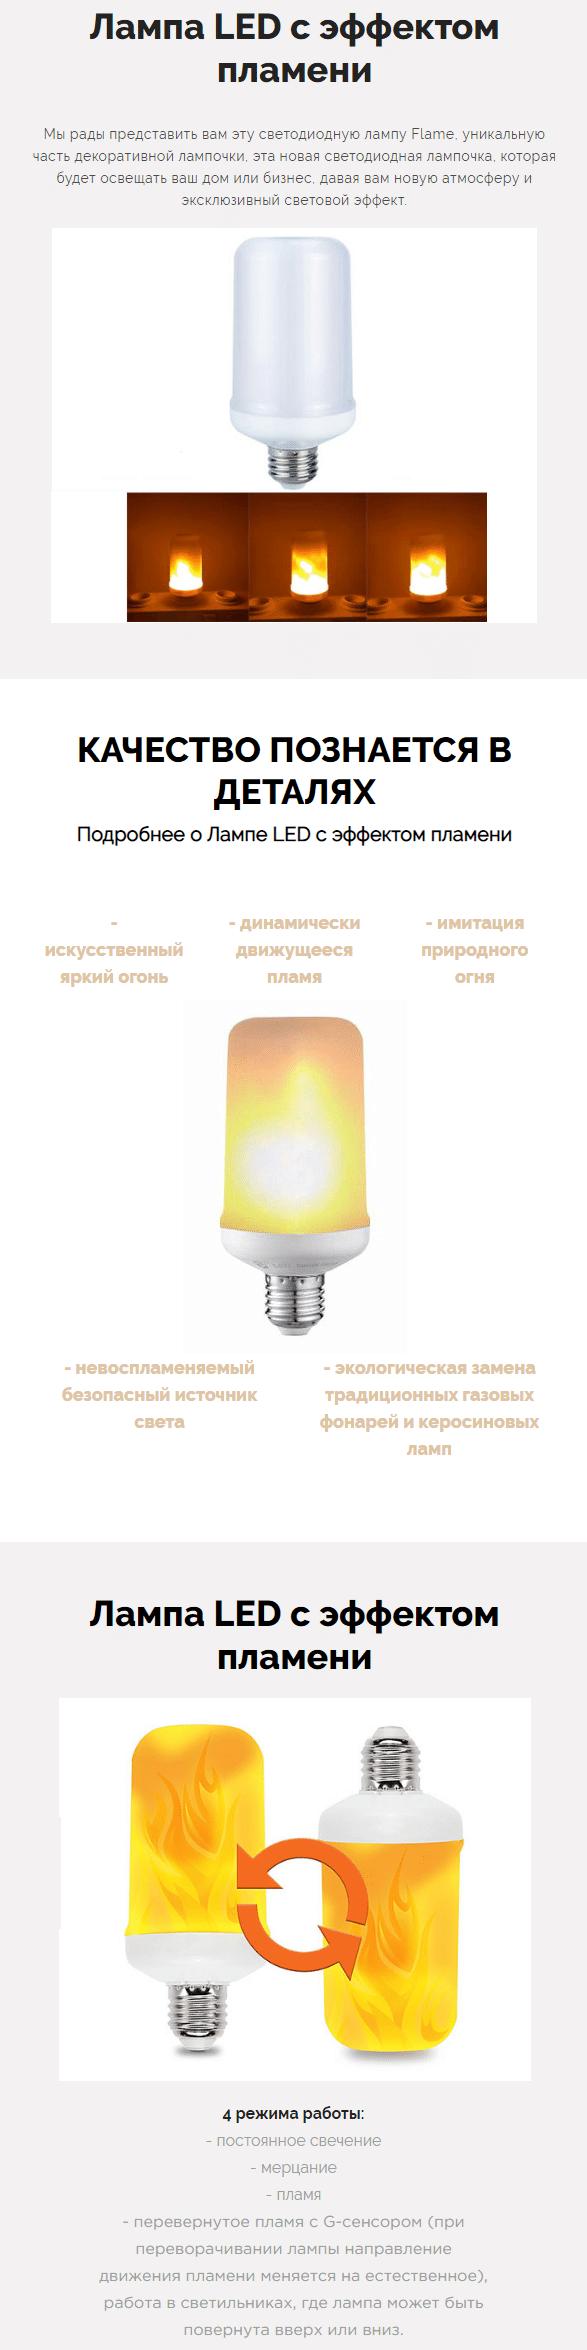 Лампа LED с эффектом пламени купить